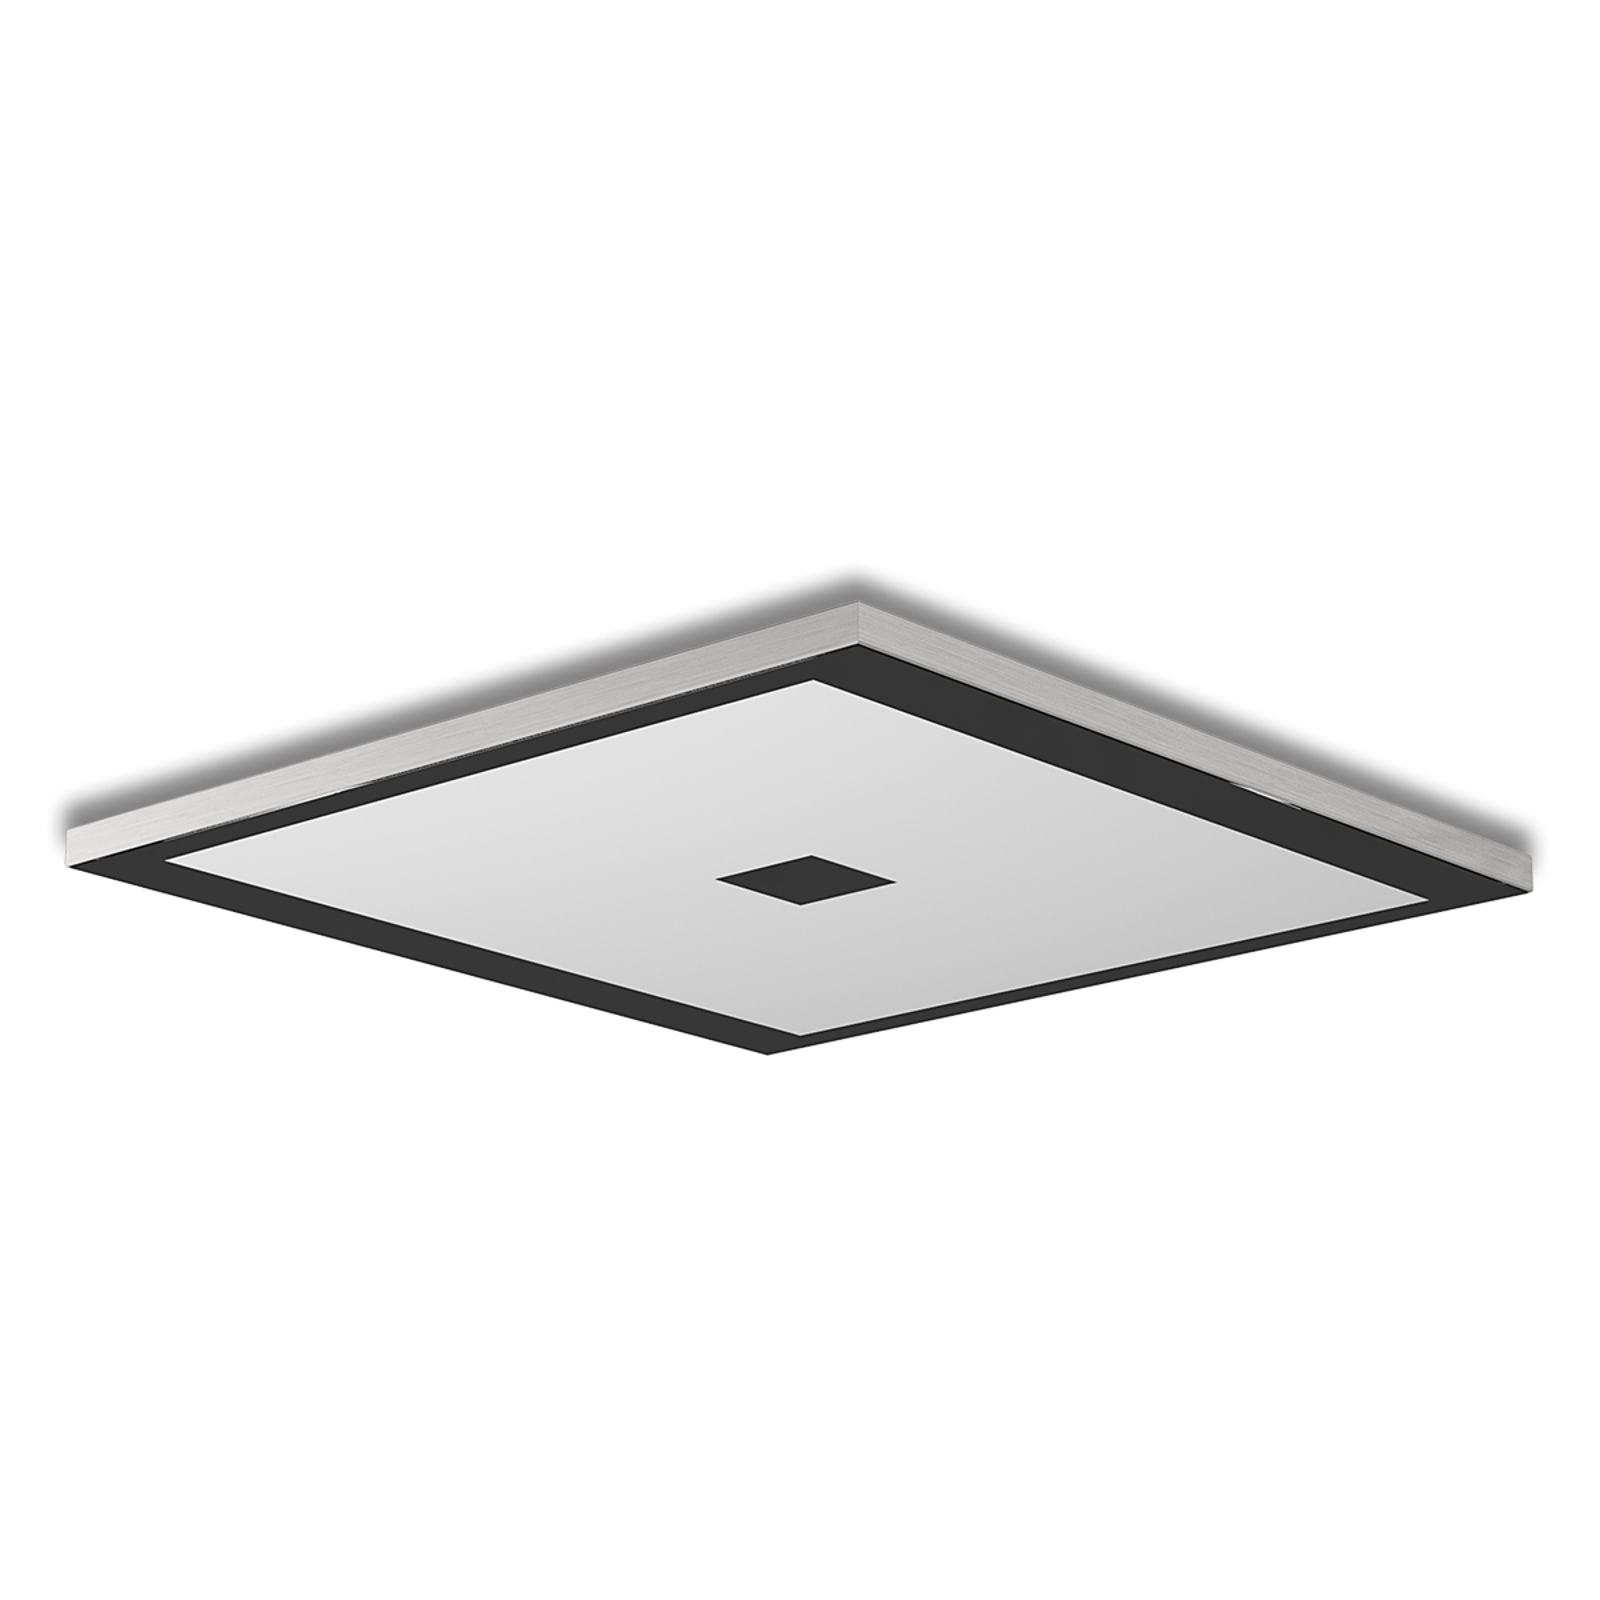 Štvorcové stropné LED svietidlo Zen, Color Control